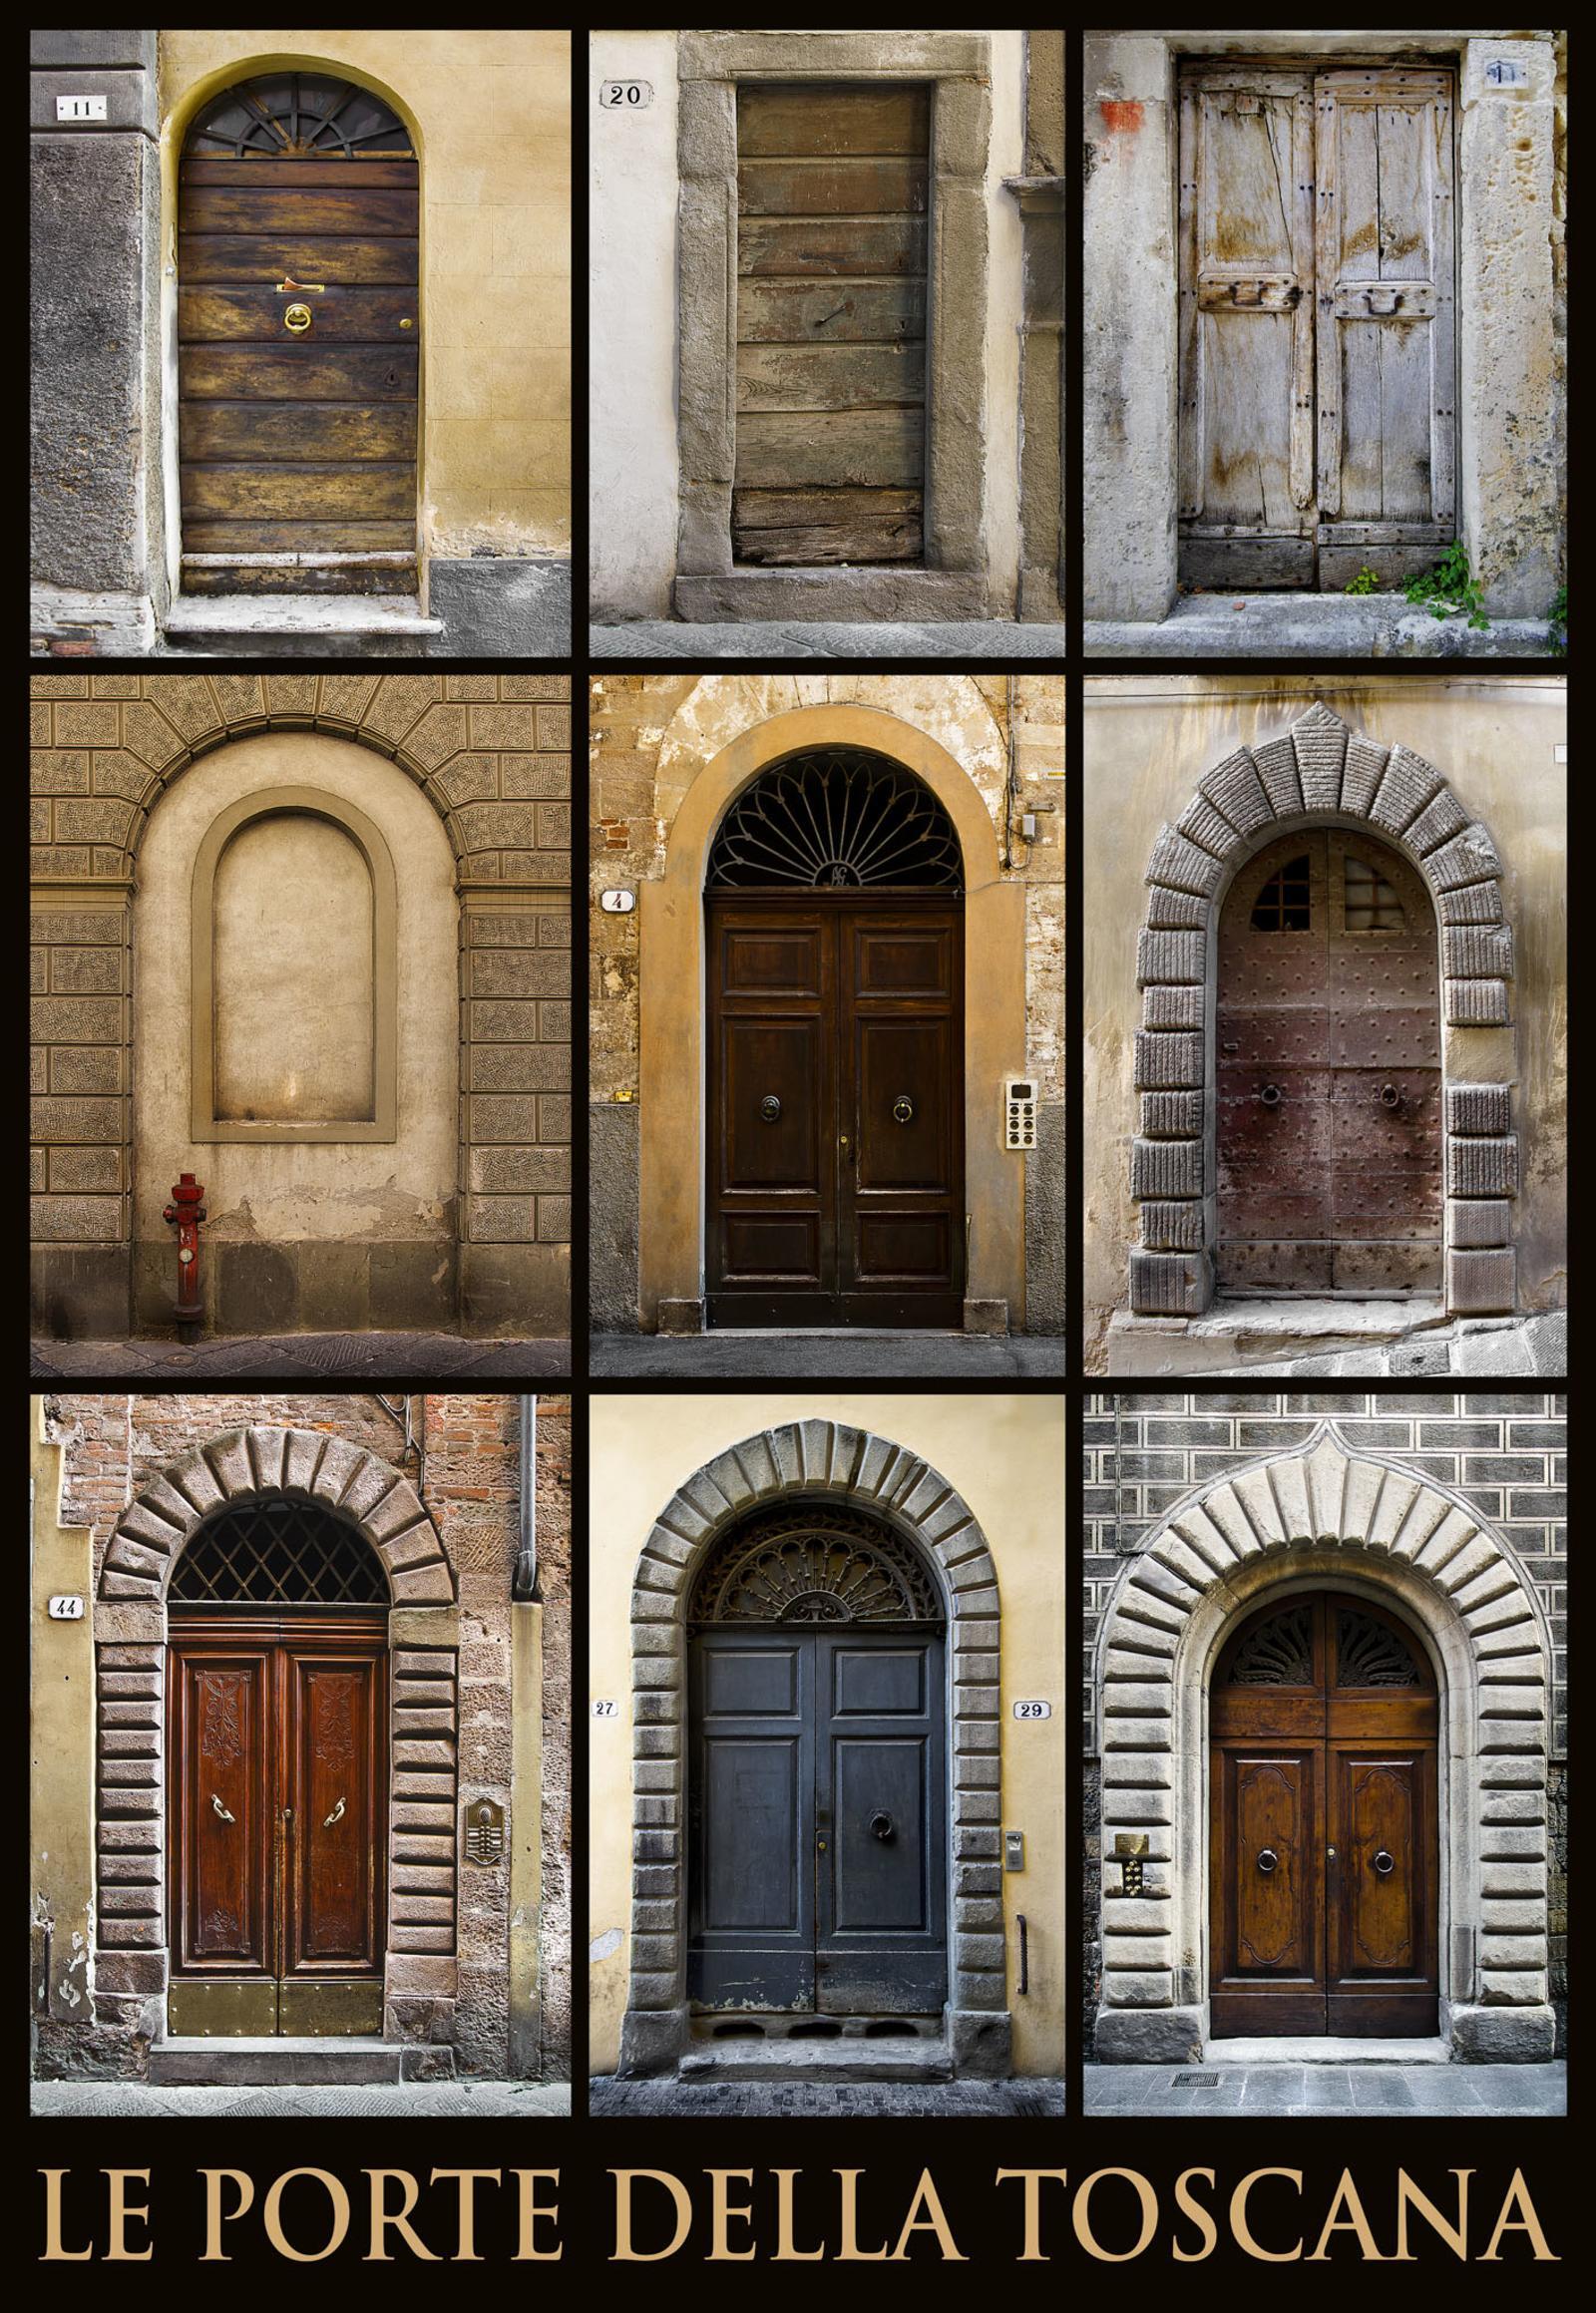 le porte della toscana